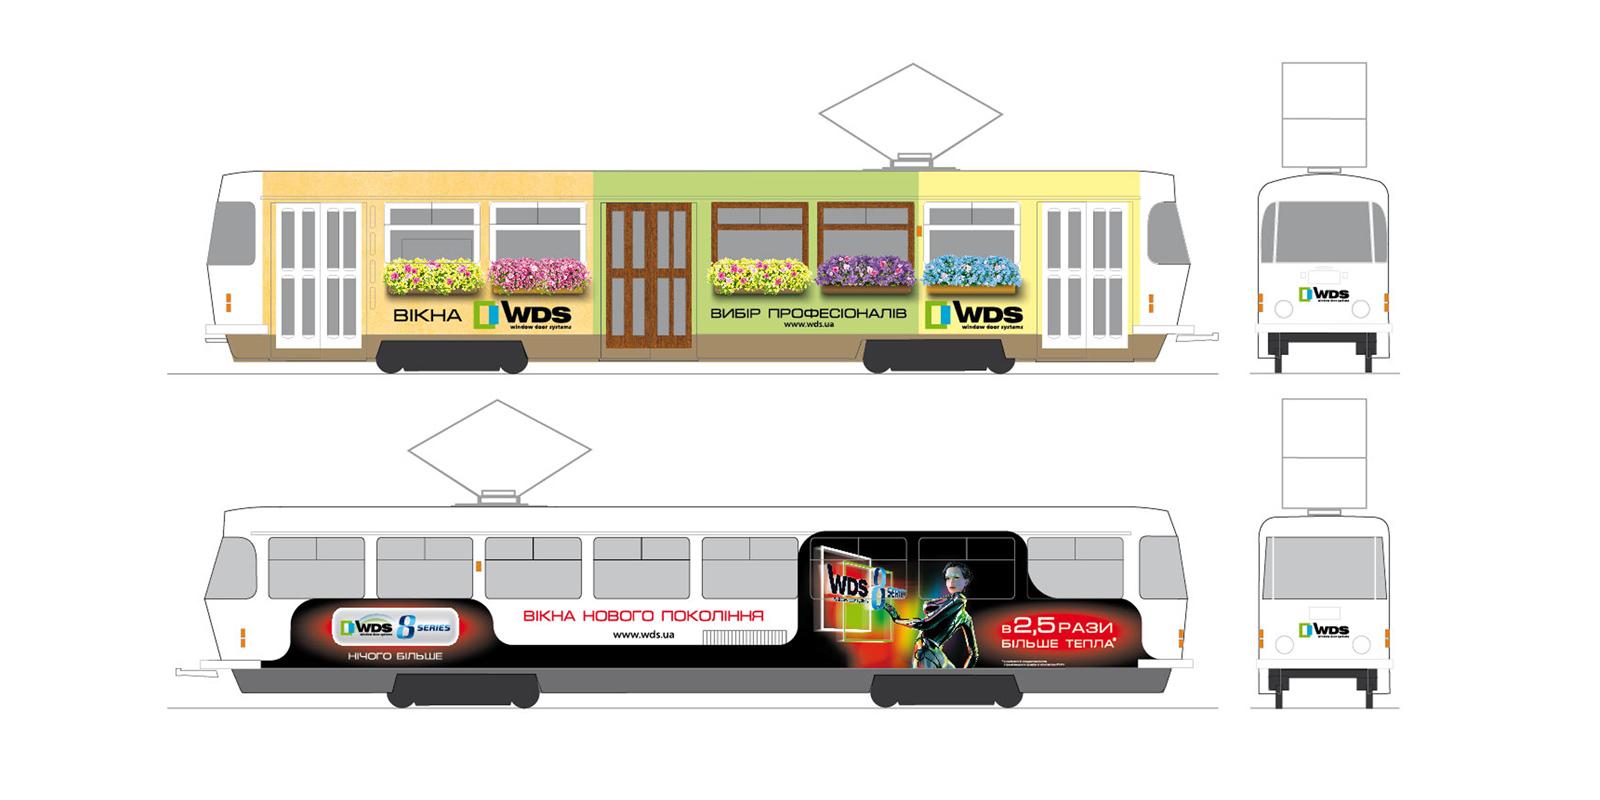 TM WDS;;;;;;Разработка дизайна брендирования трамвая;;;;;;<span>Клиент:</span> Компания «МИРОПЛАСТ»;;;;;;;;;;;;Разработка дизайна брендирования трамвая;;;;;;4